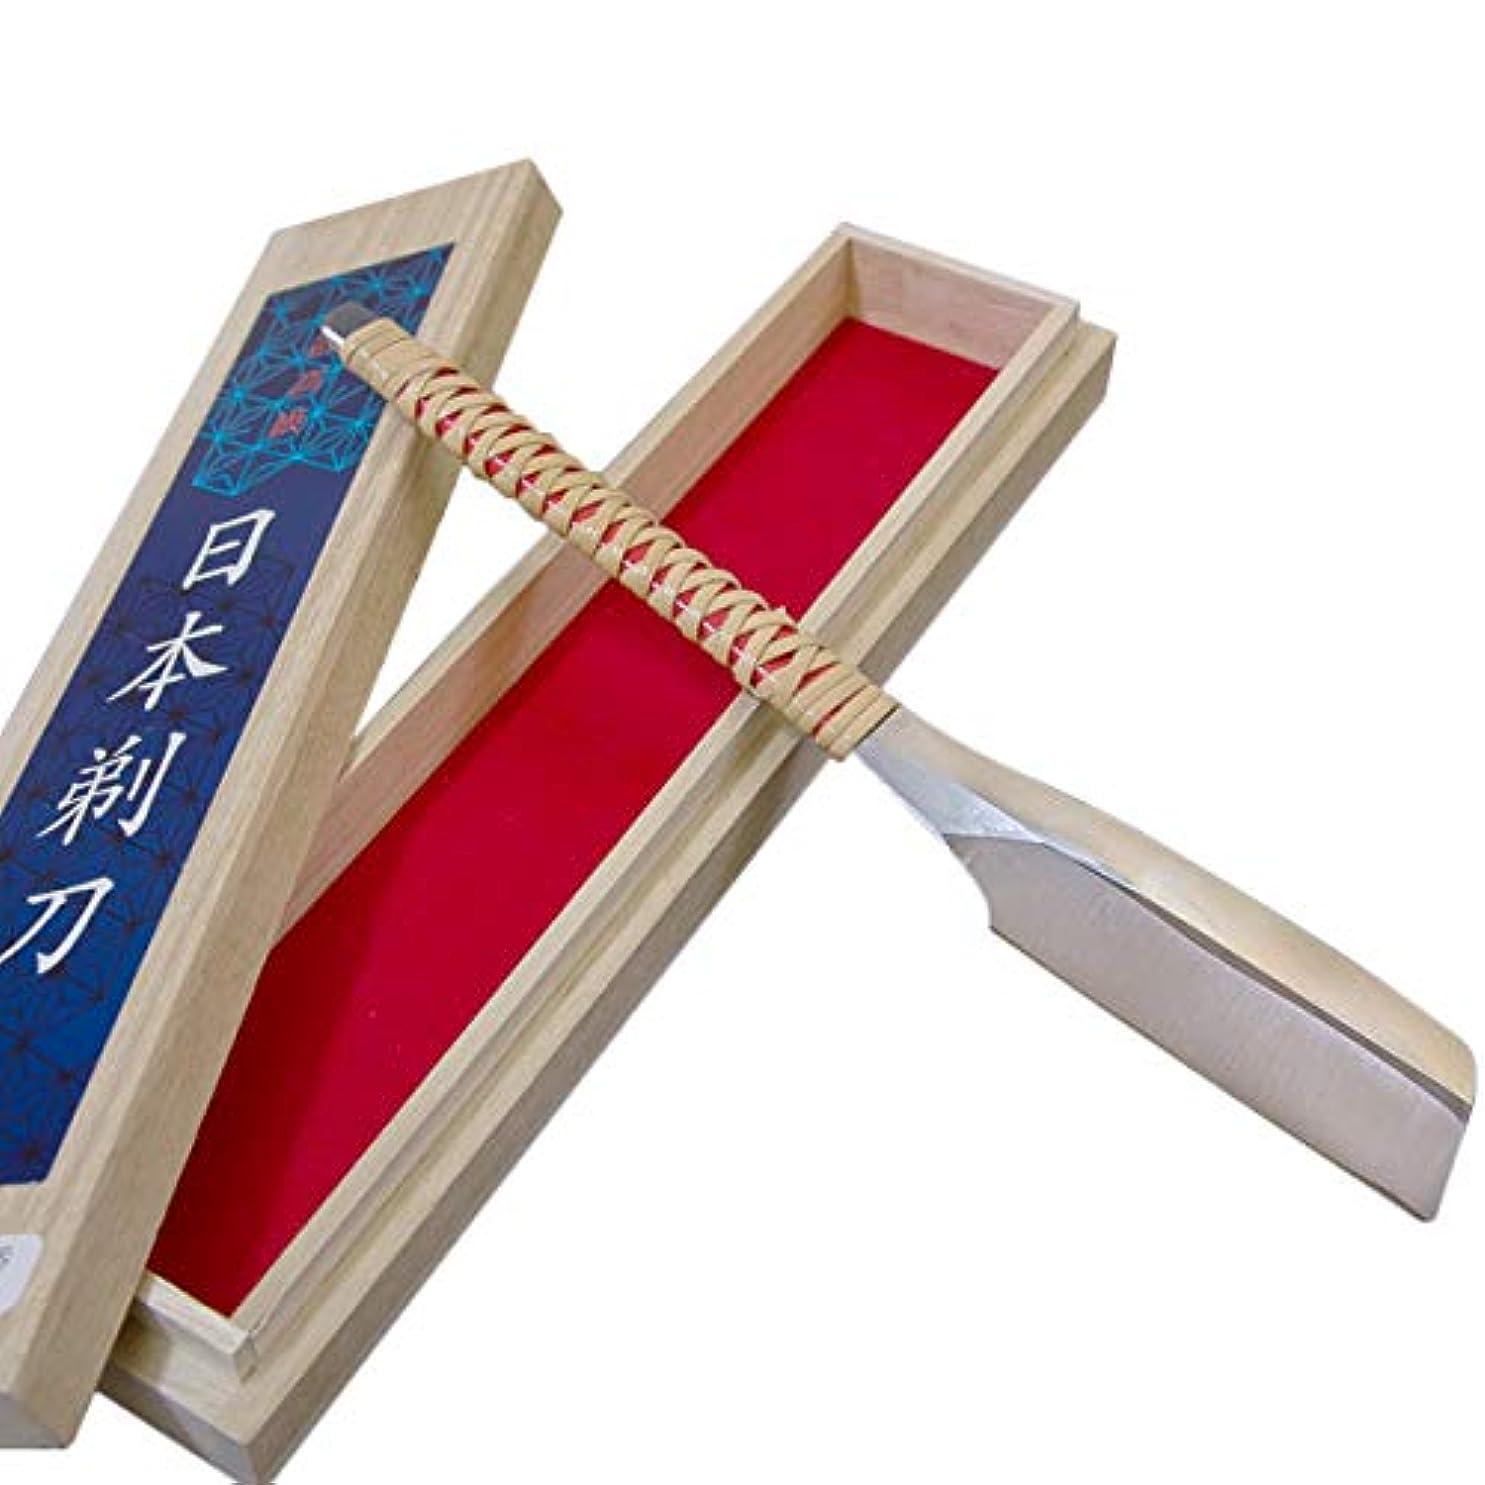 におい何十人もミニチュア日本製 日本かみそり(剃刀 カミソリ) 桐箱 藤巻#12000 本刃付 床屋,理容室,舞妓さんに!